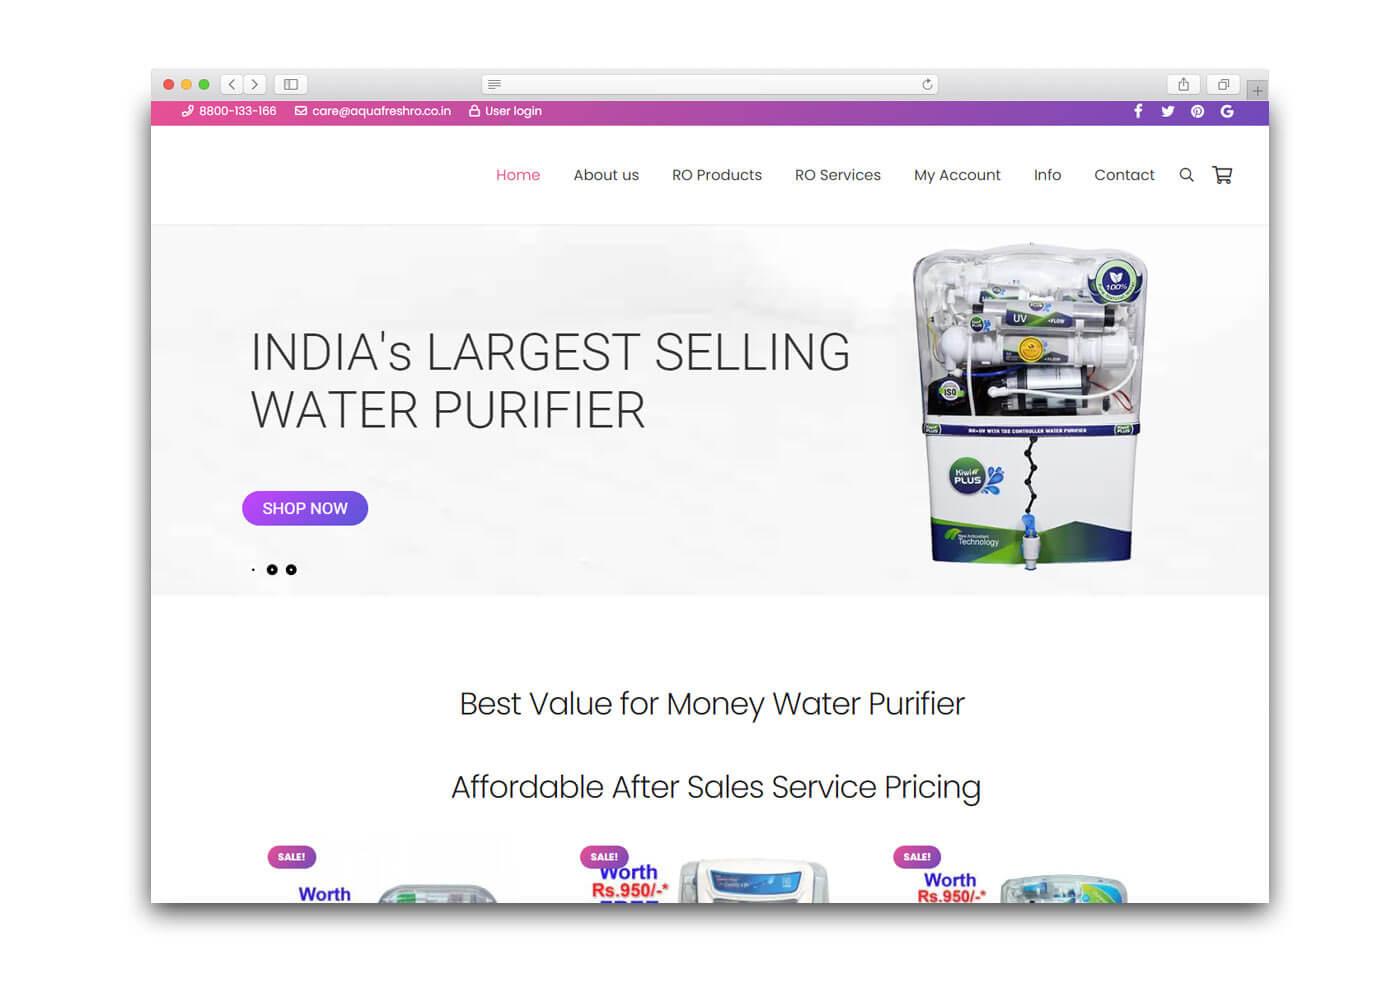 Aquafreshro